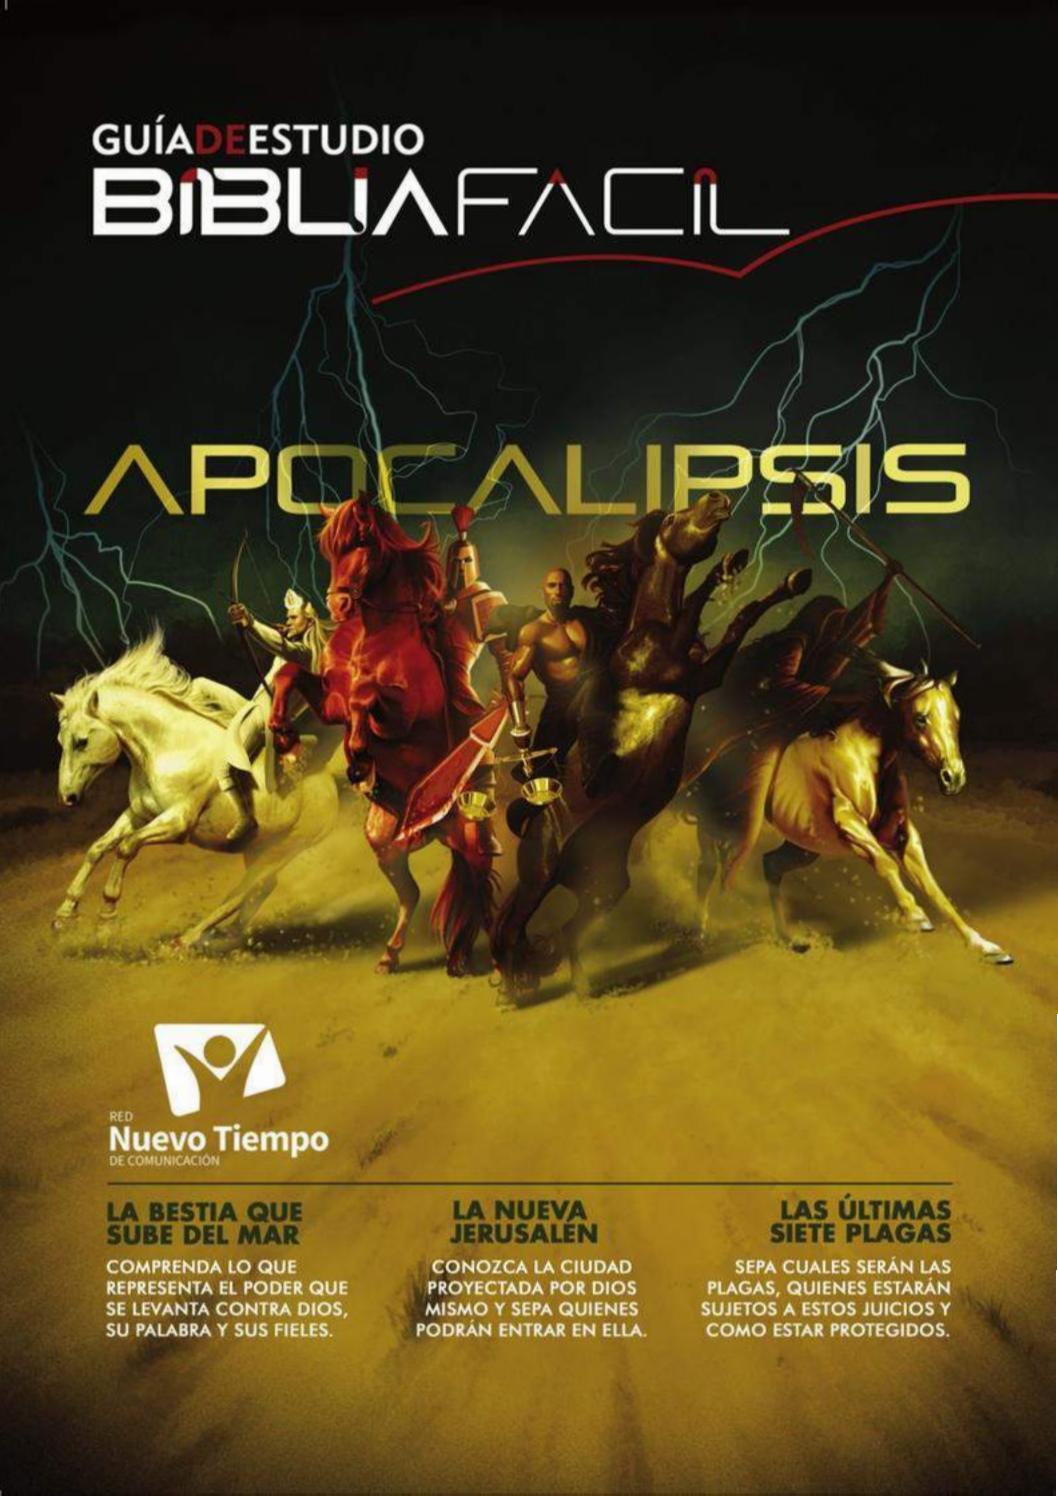 Biblia Fácil Apocalipsis By Igreja Adventista Do Sétimo